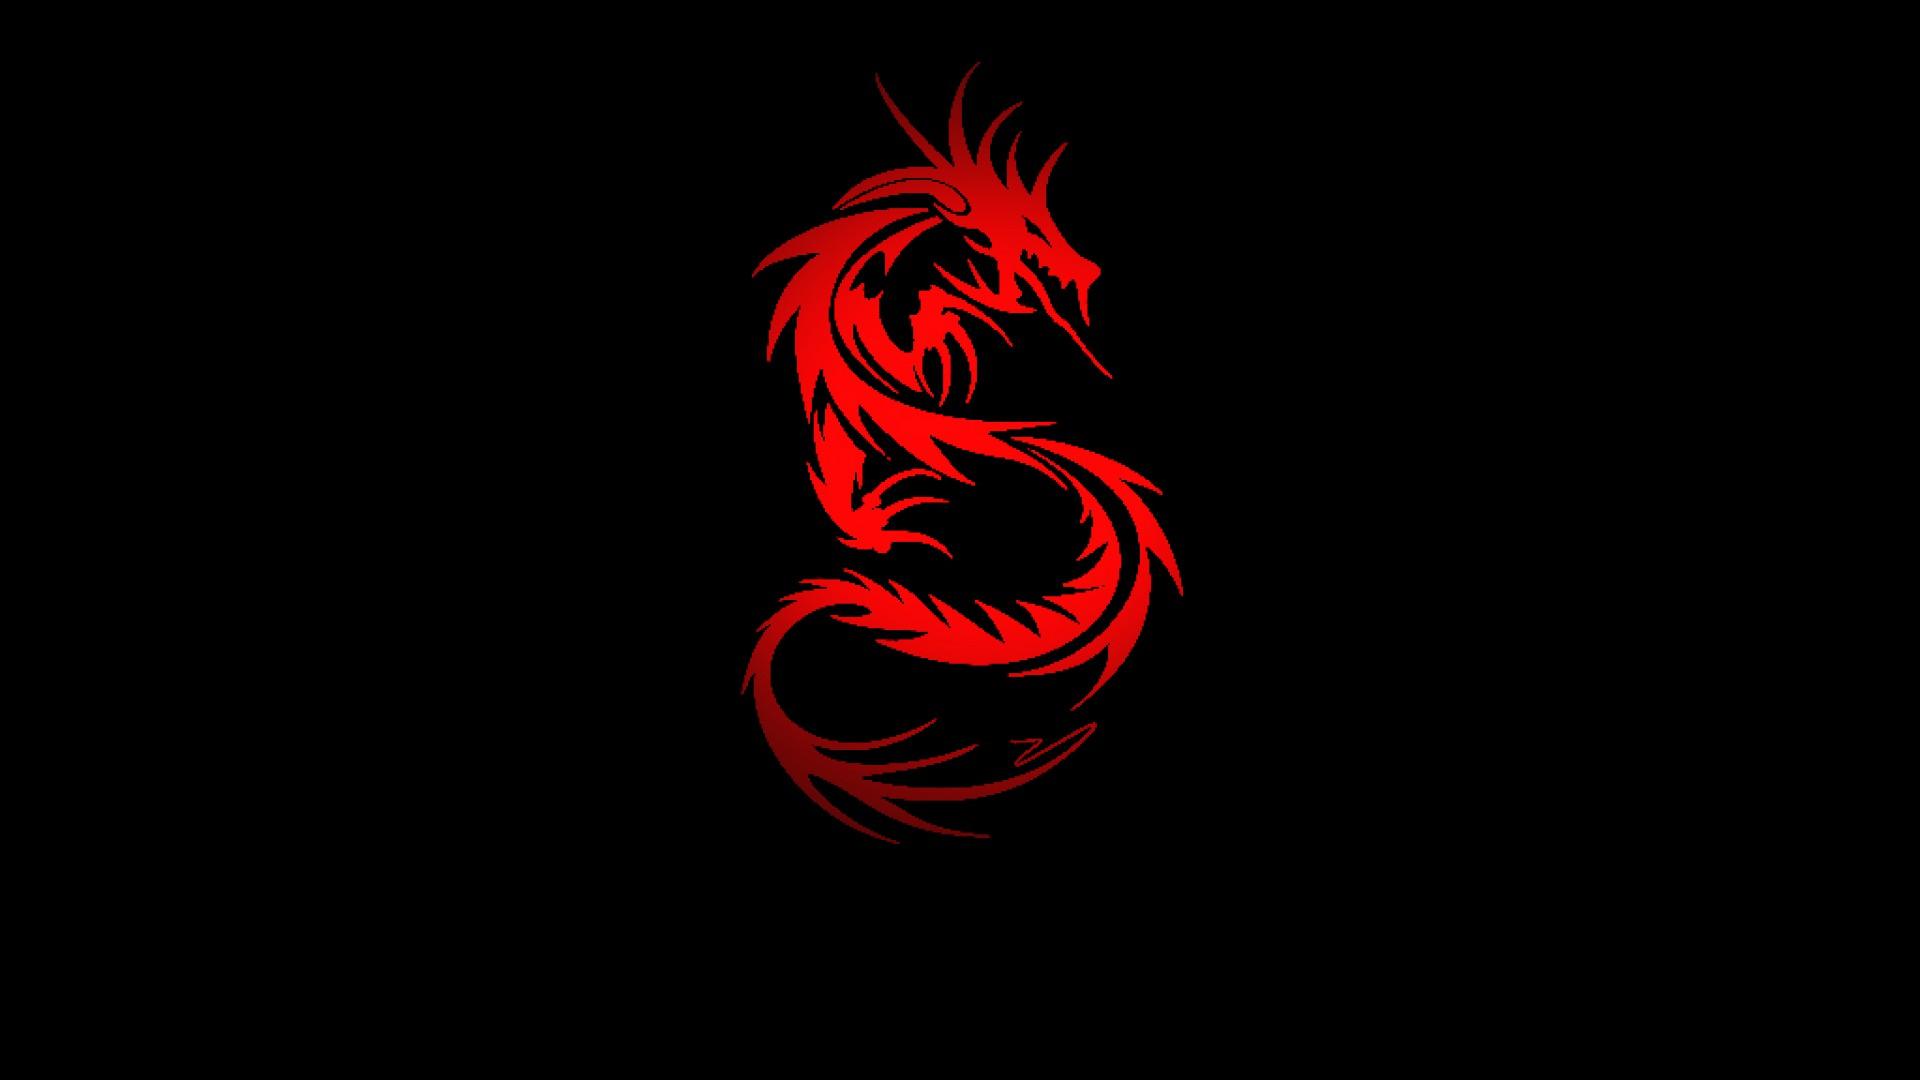 Blood Red Dragon HD Desktop Wallpaper Widescreen High 1920x1080